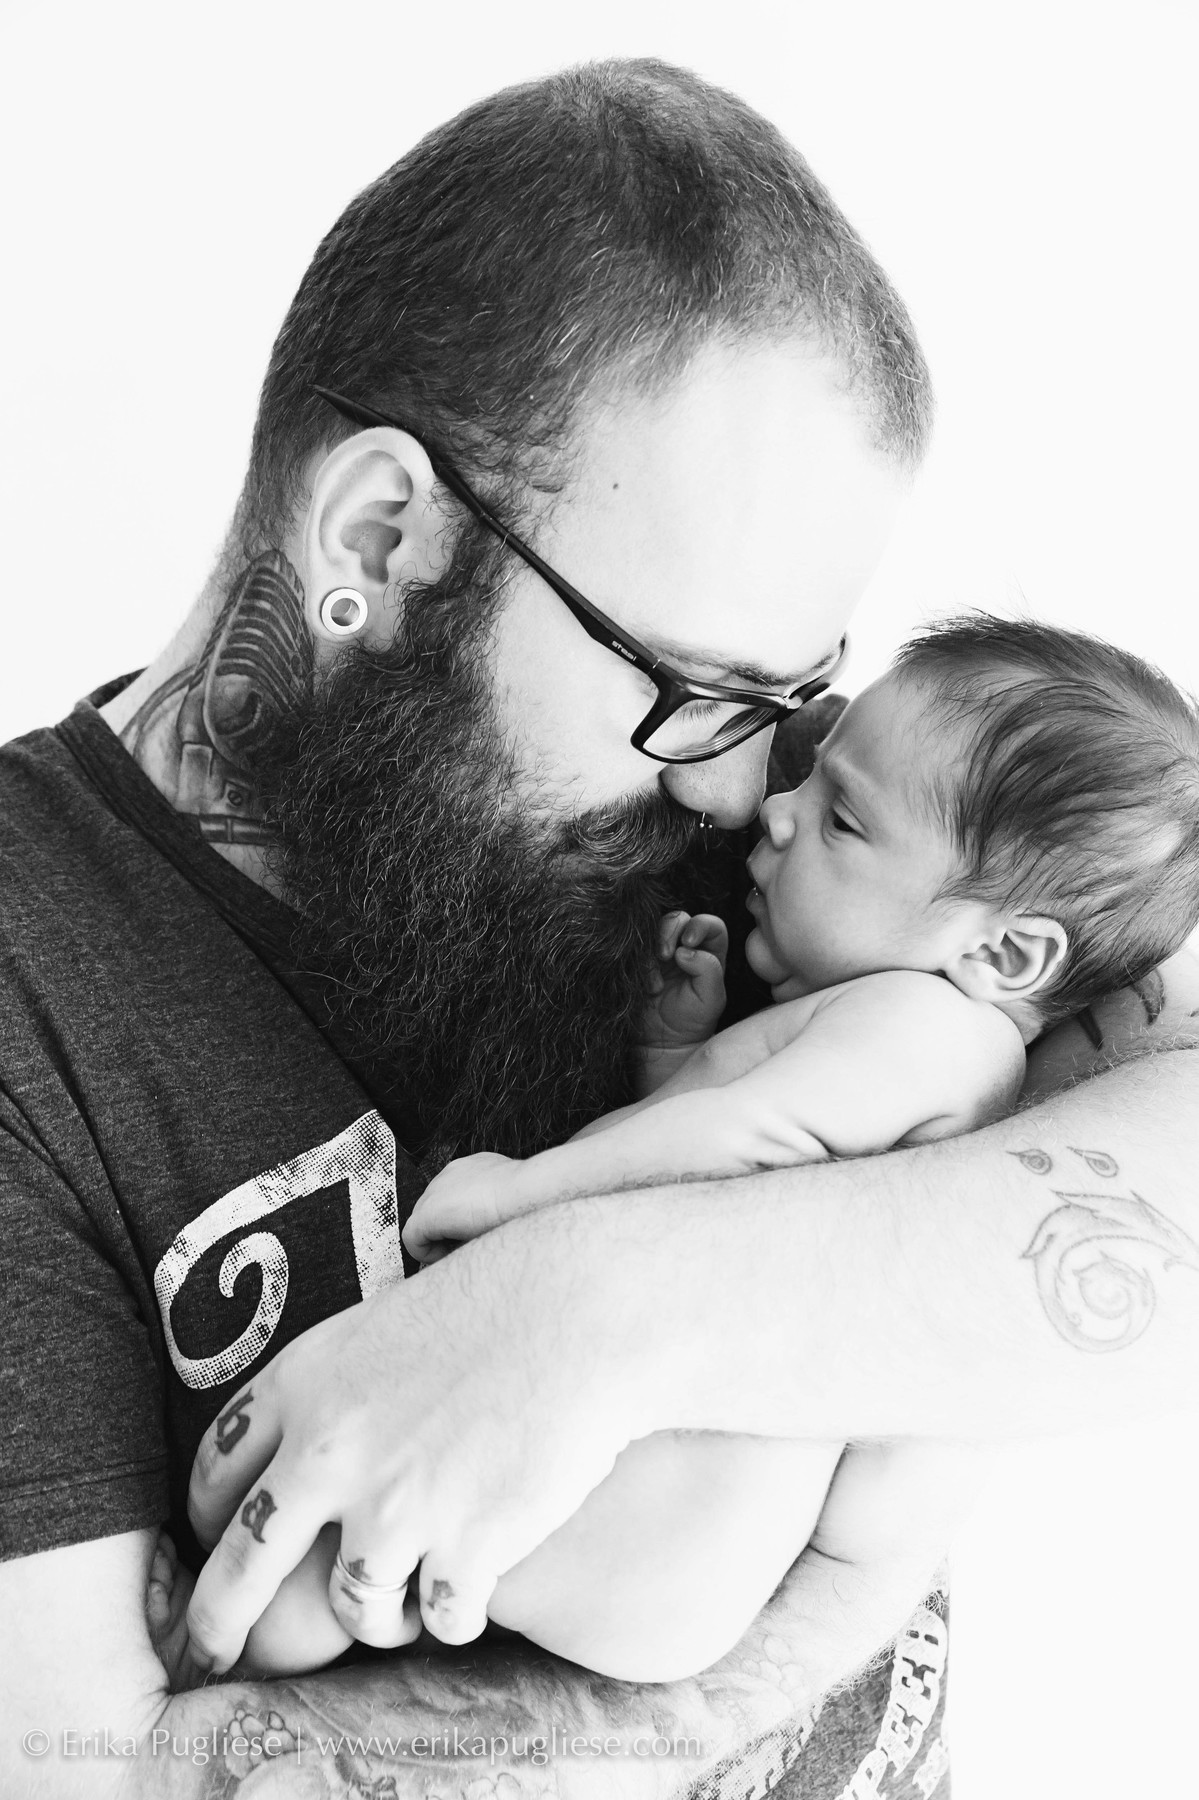 Pai estiloso segura seu bebê na sessão newborn